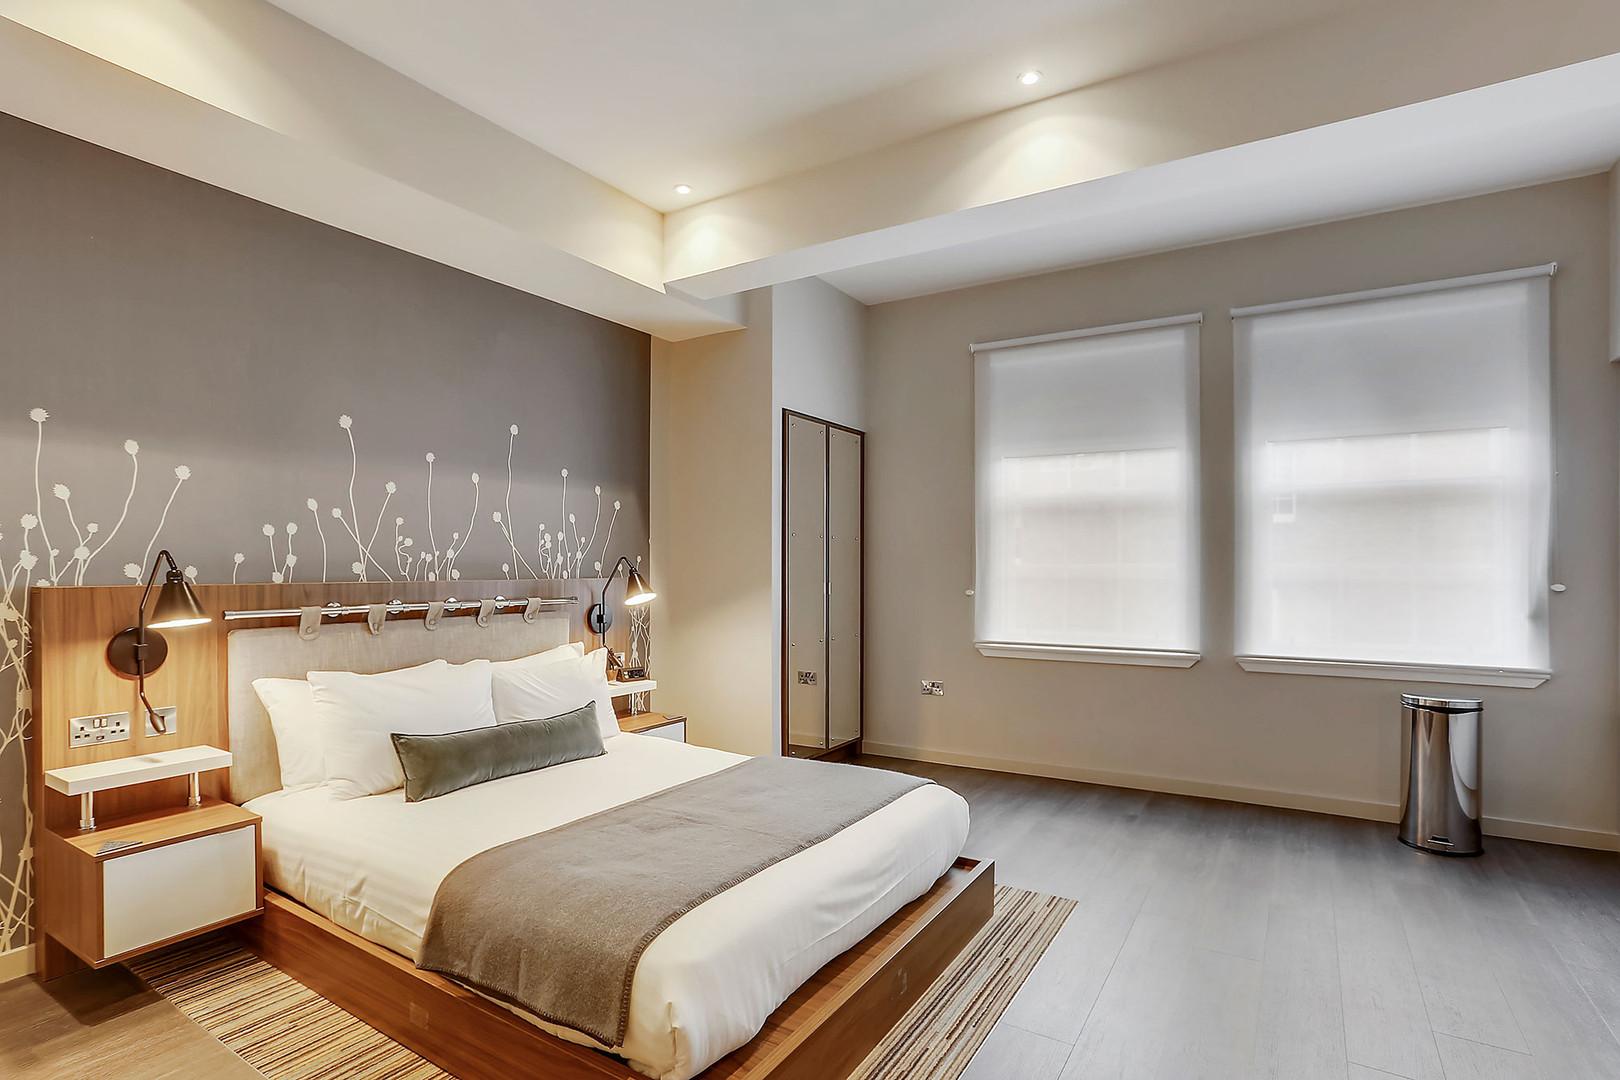 Unit-3-Bedroom-MG3257.jpg